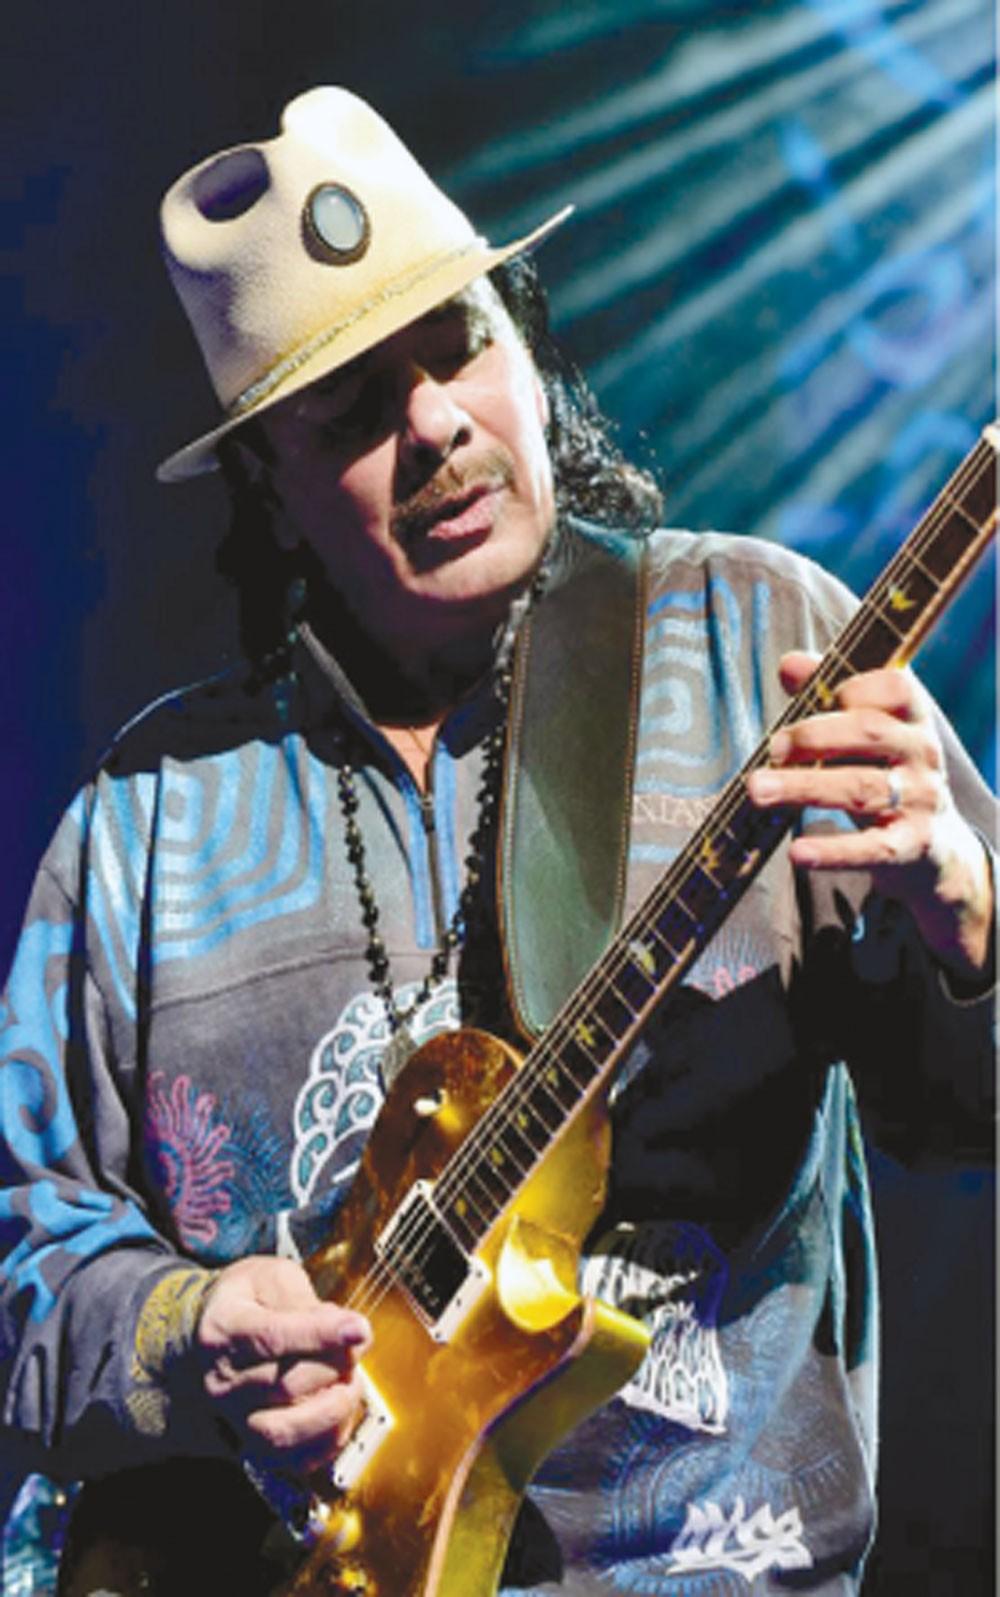 كارلوس سانتانا يقيم حفلا غنائيا في حلبة البحرين الدولية